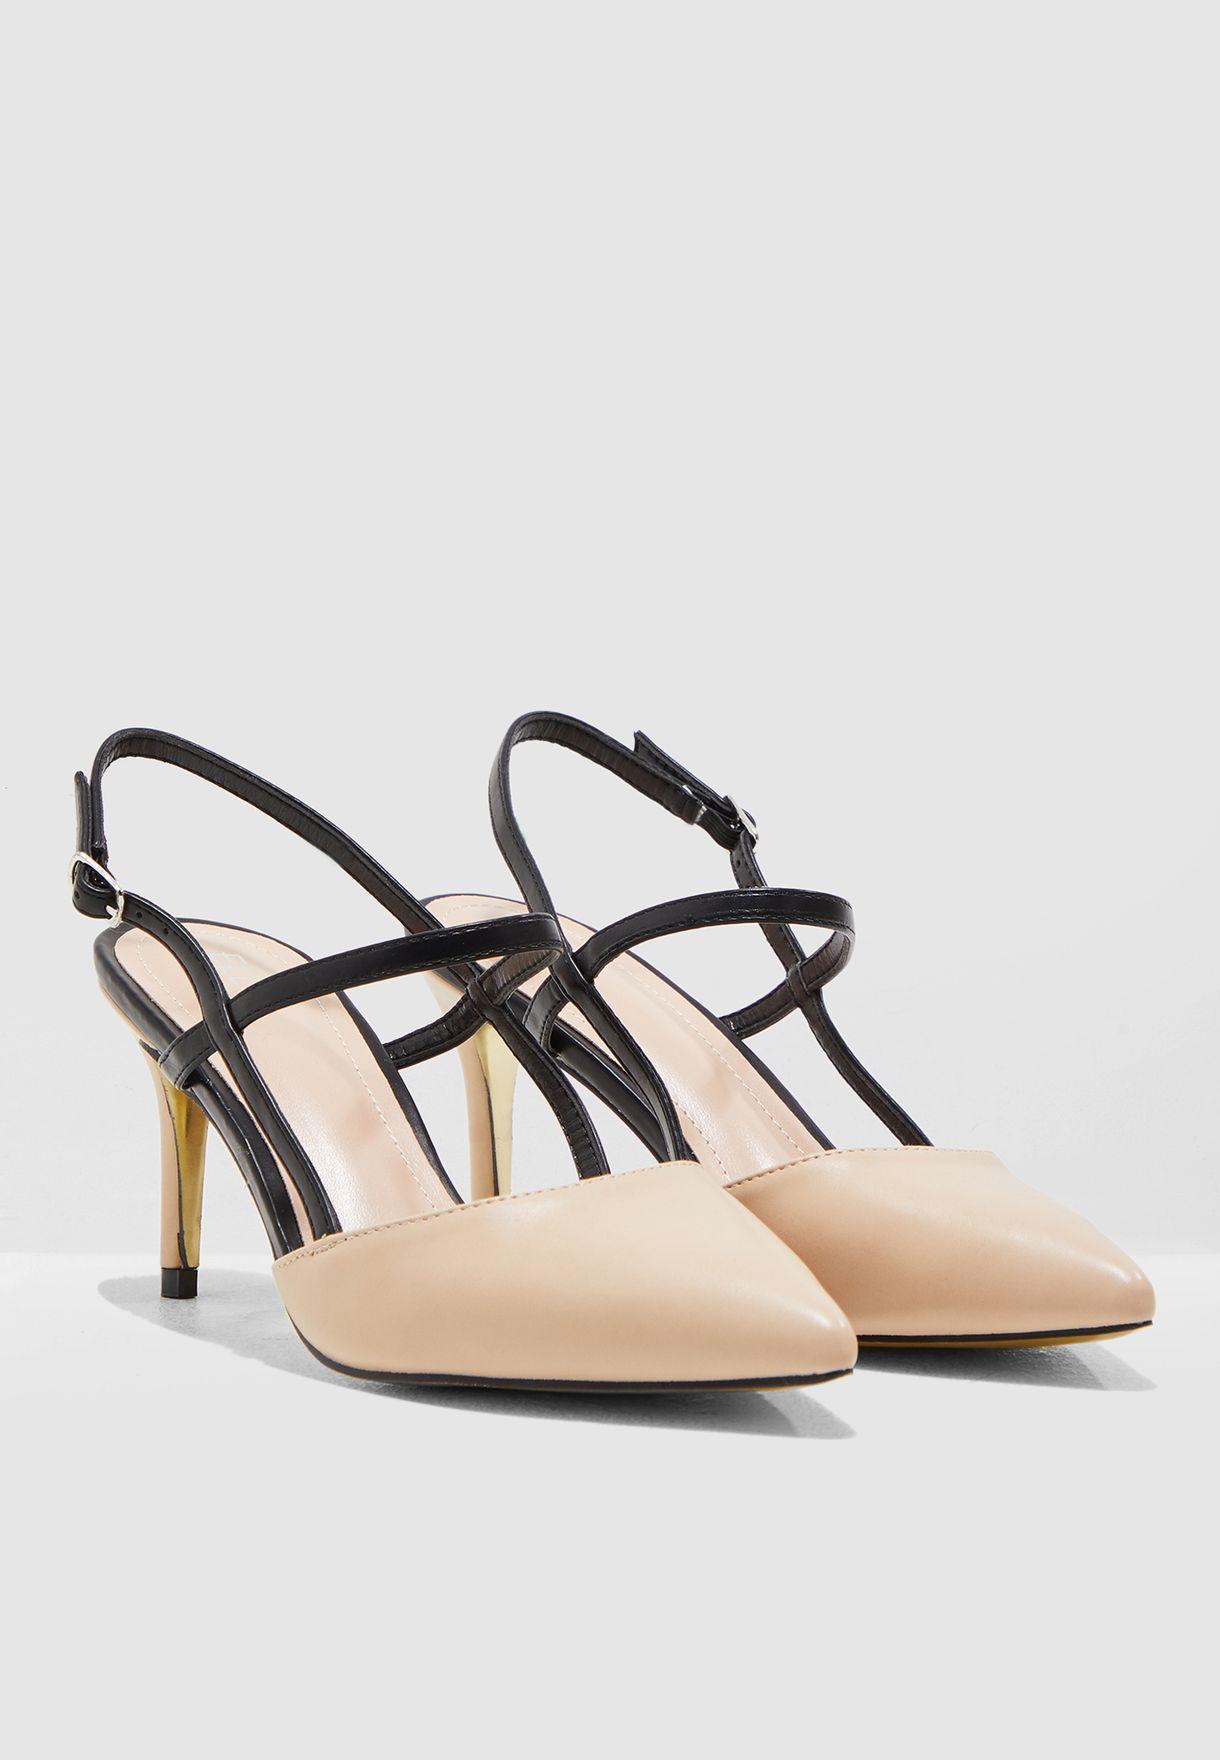 حذاء بمقدمة مدببة وسيور مغايرة